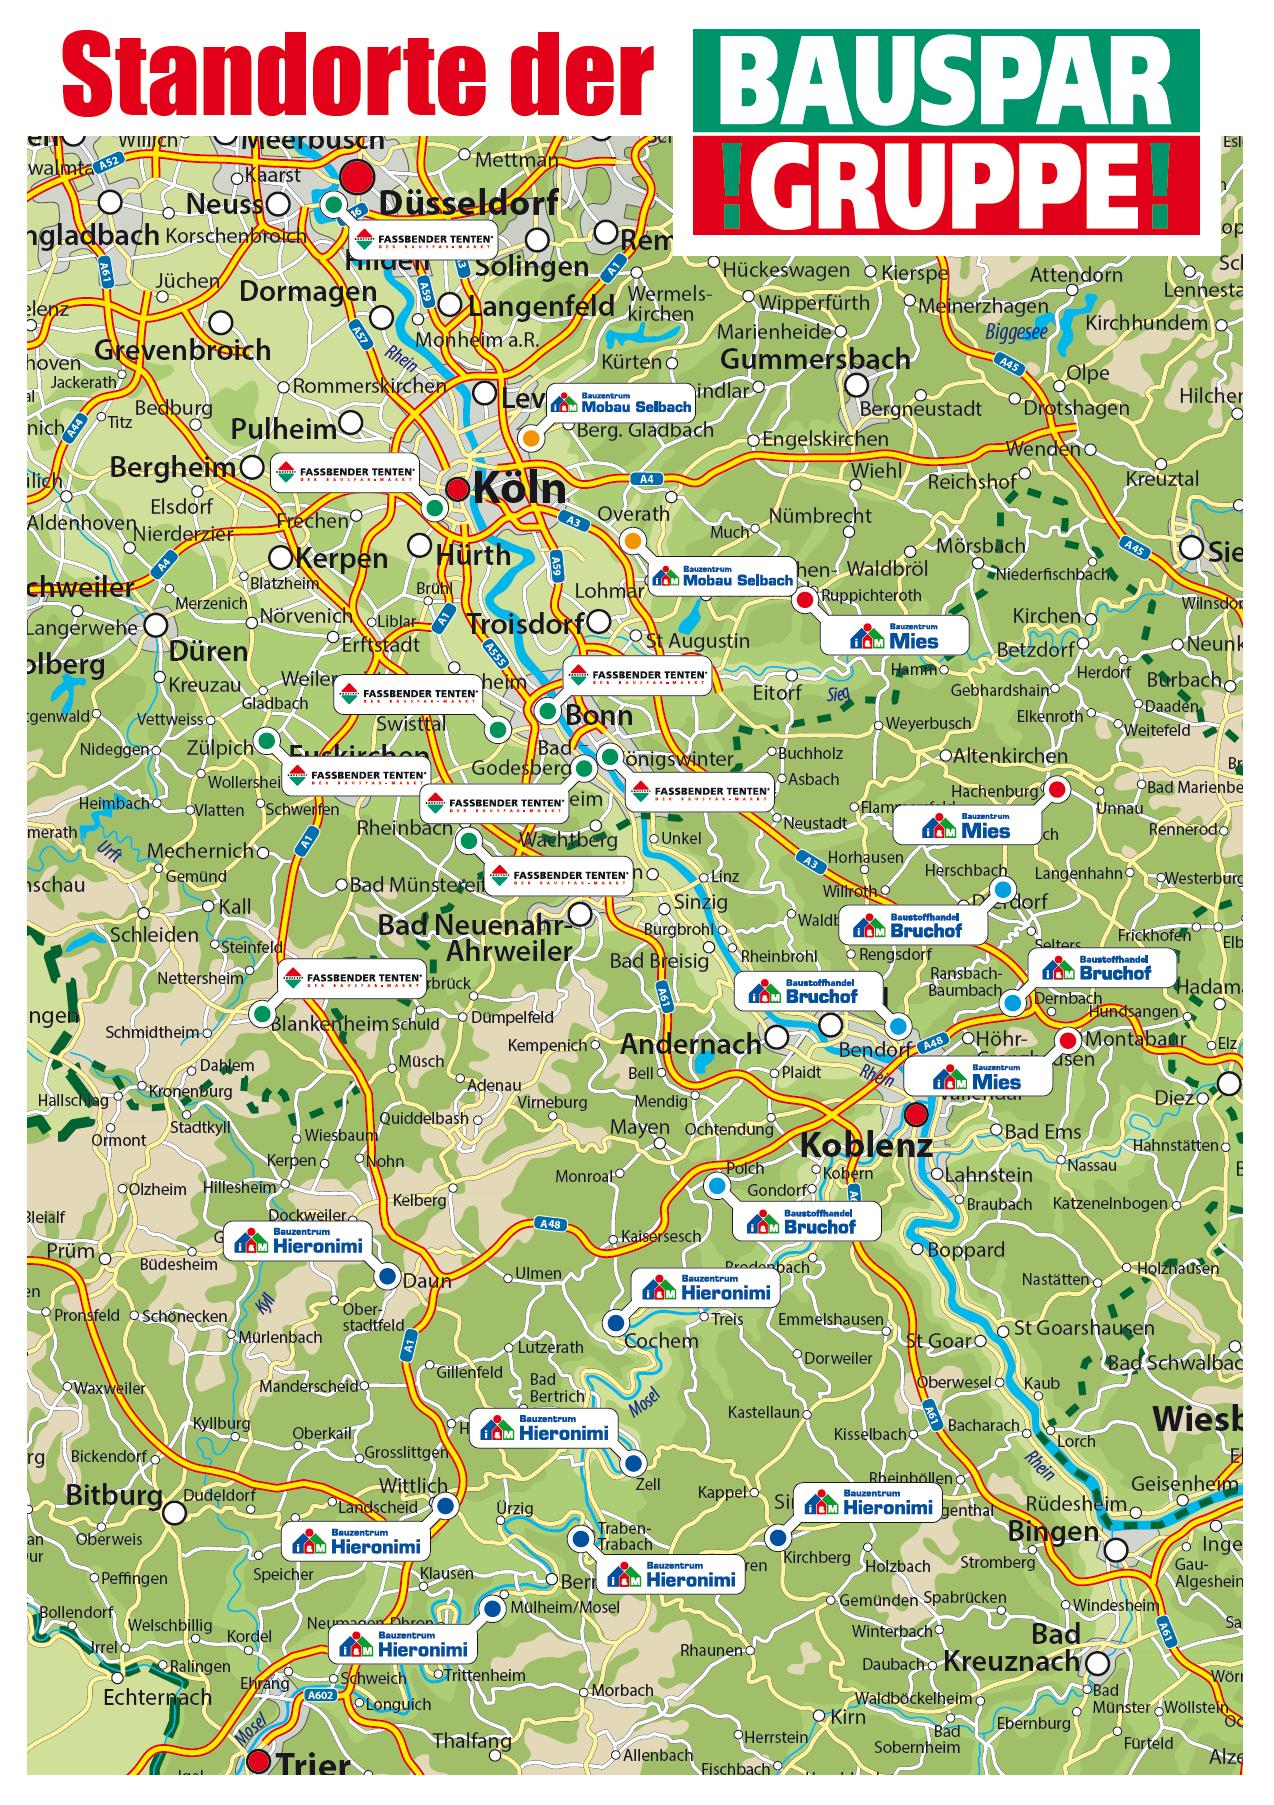 Landkarte mit den Standorten der Bauspargruppe i&M Bauzentrum Mies i&M Bauzentrum Bruchof i&M Bauzentrum Hieronimi i&M Bauzentrum Selbach Fassbender Tenten Eurobaustoff Region Rheinland